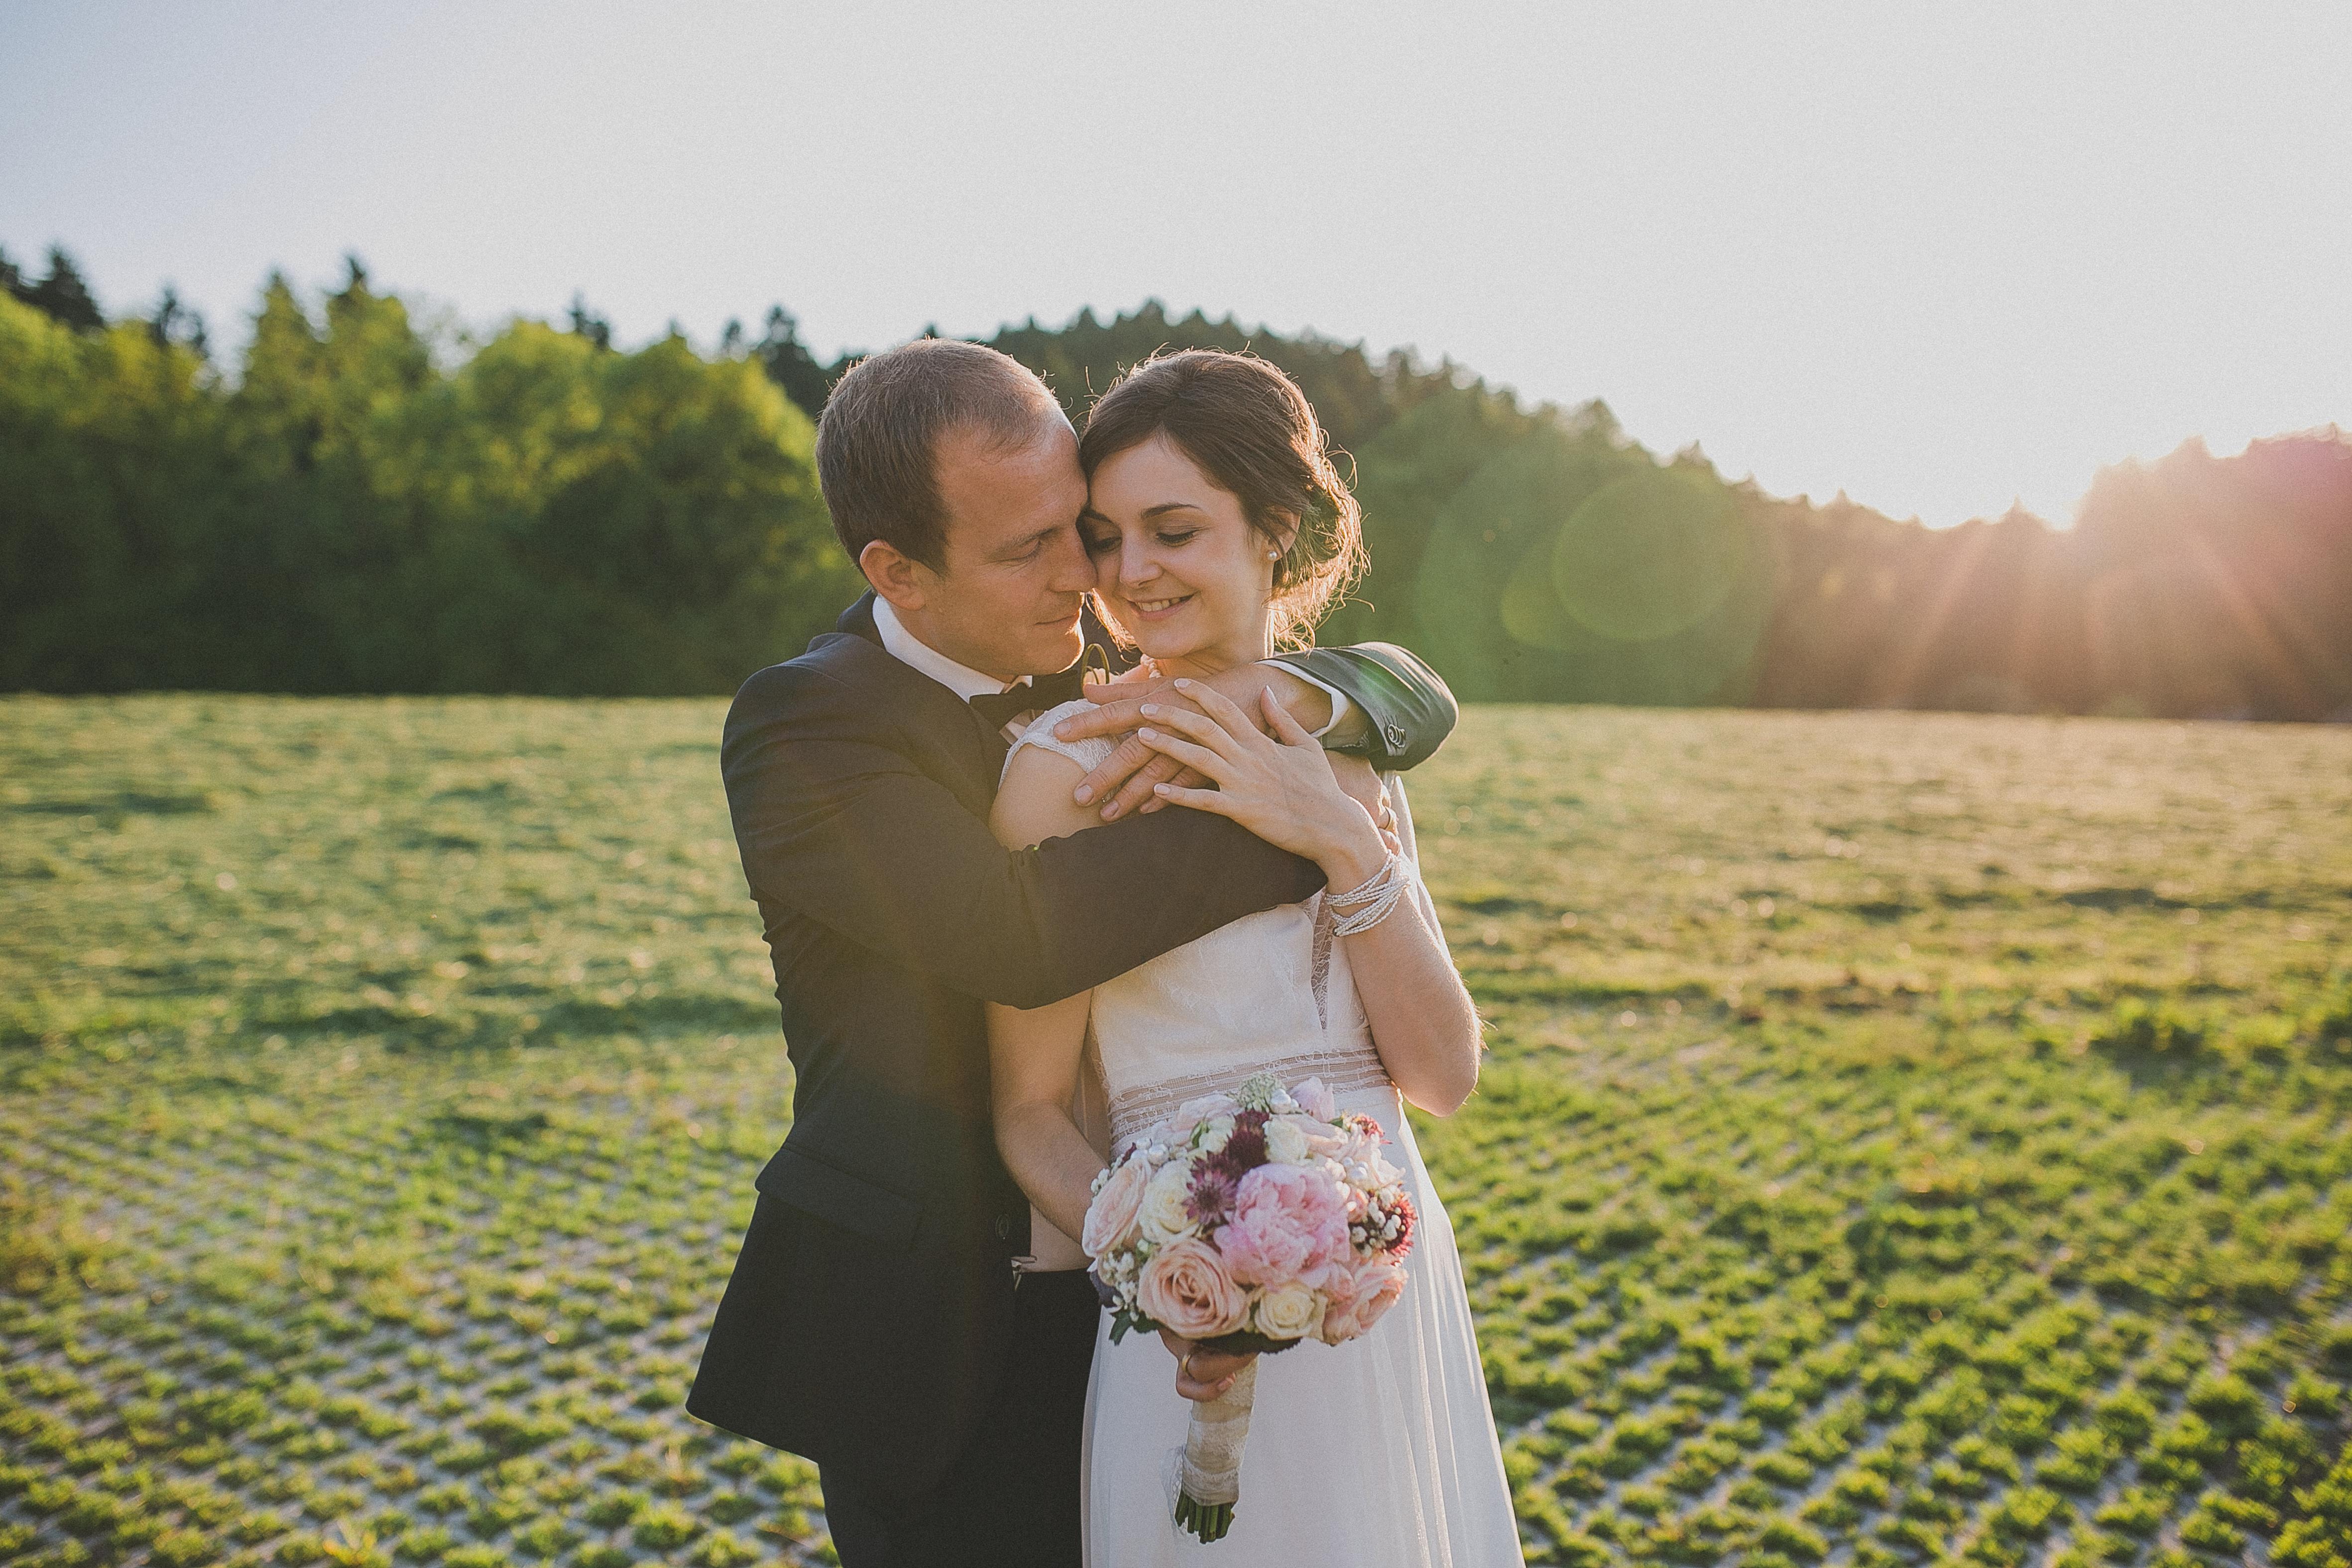 Sonnenuntergang-Hochzeit-Vintage-Bauernhochzeit-Solla(3)-Hochzeitsfotografin-Simone-Bauer-Photography